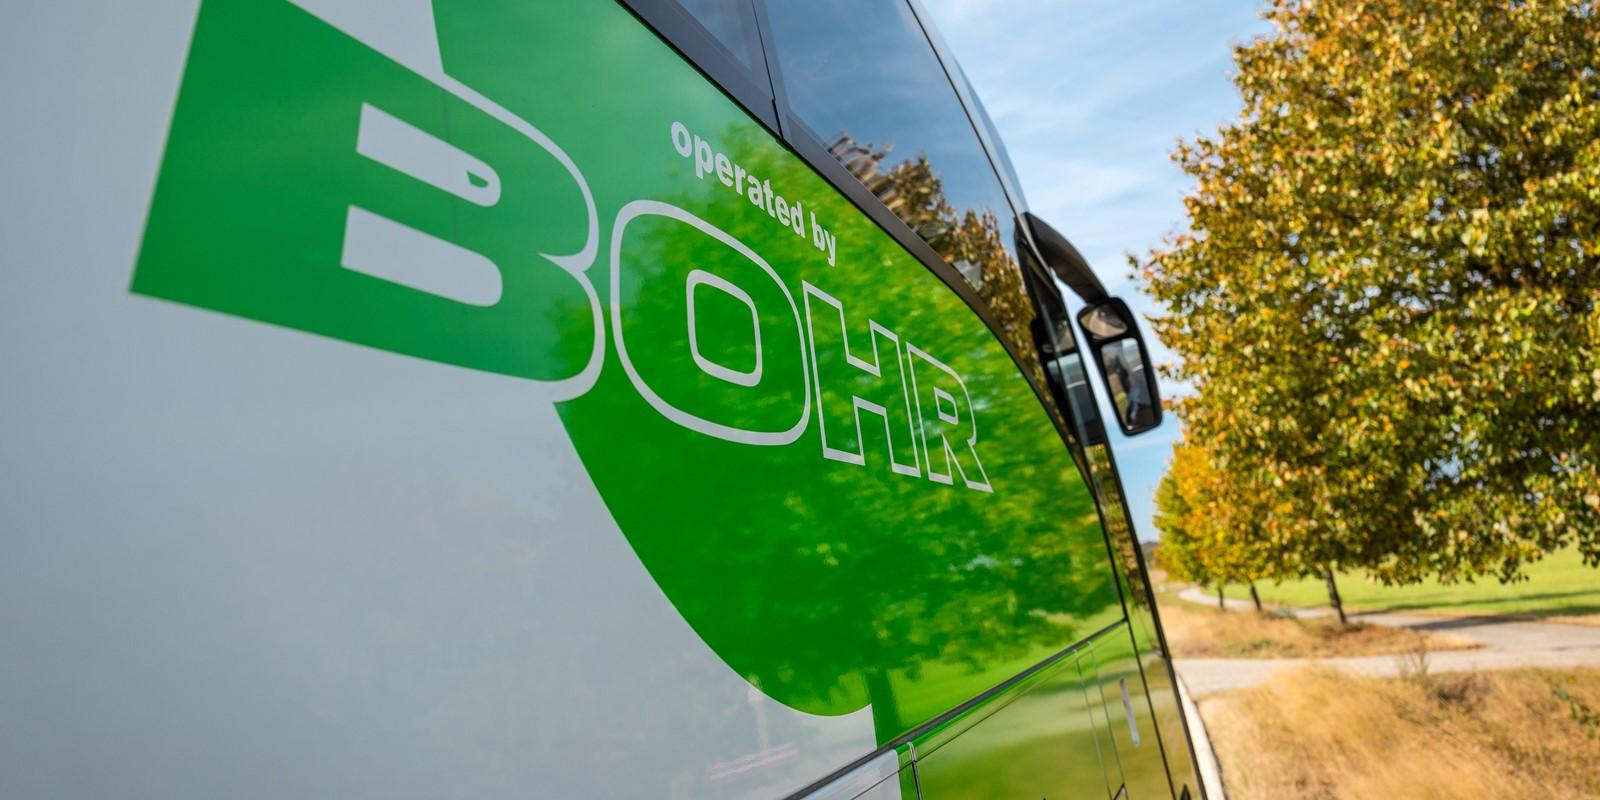 Bohr bus frankfurt hahn fahrplan